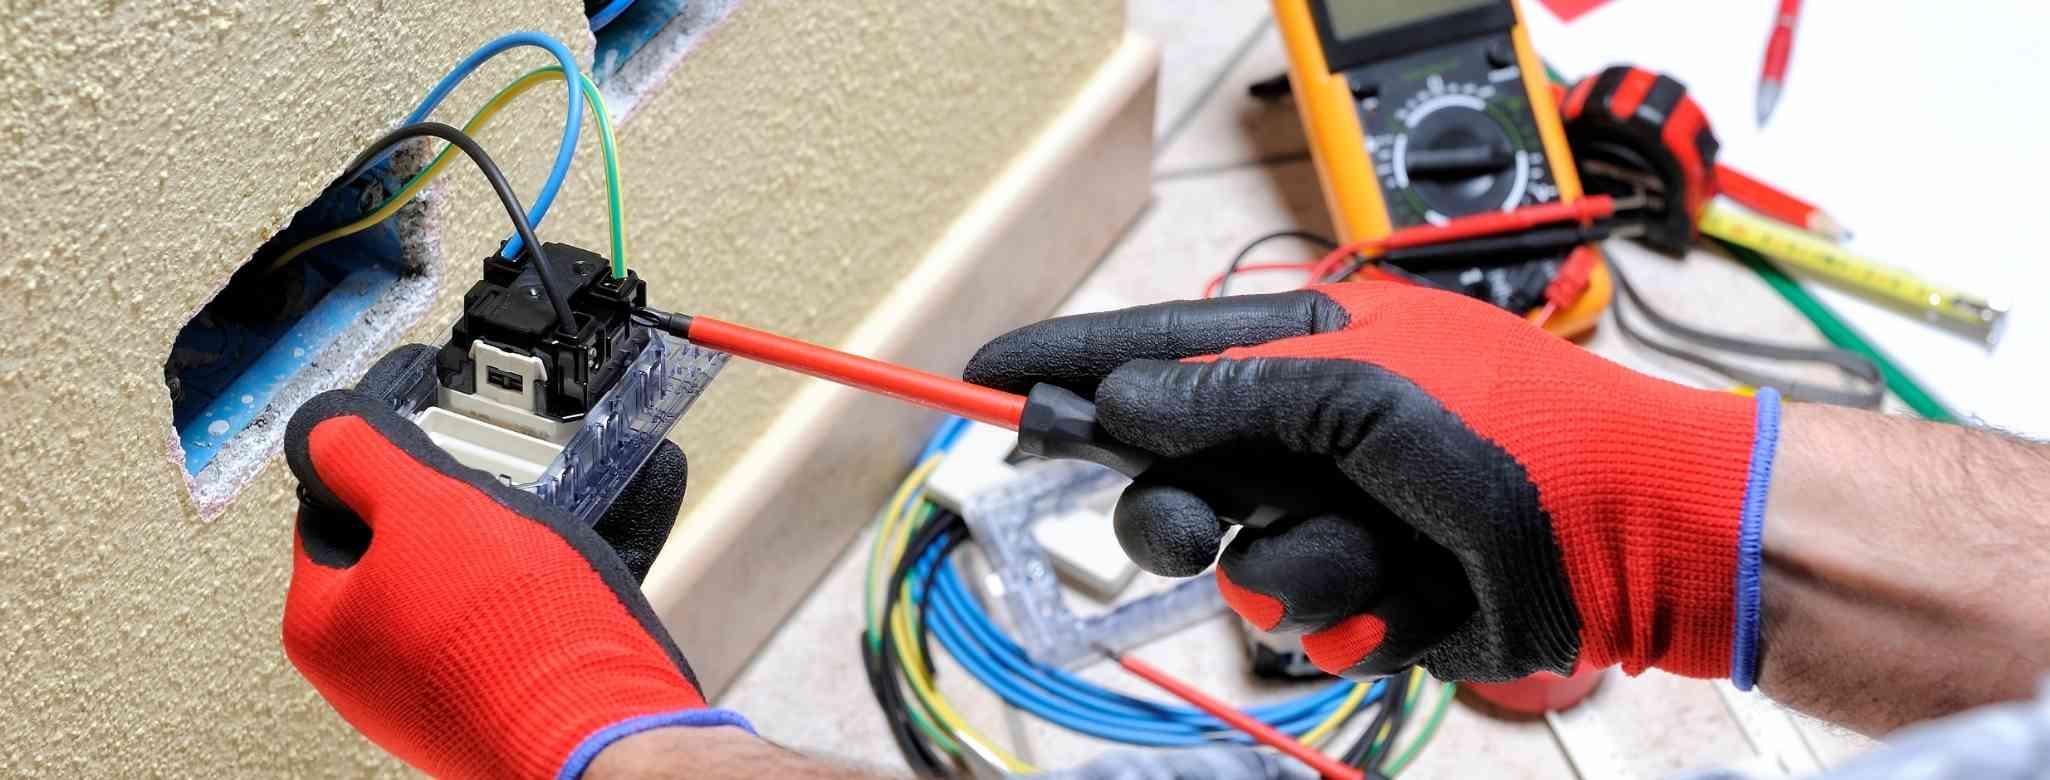 עבודות חשמל בבית